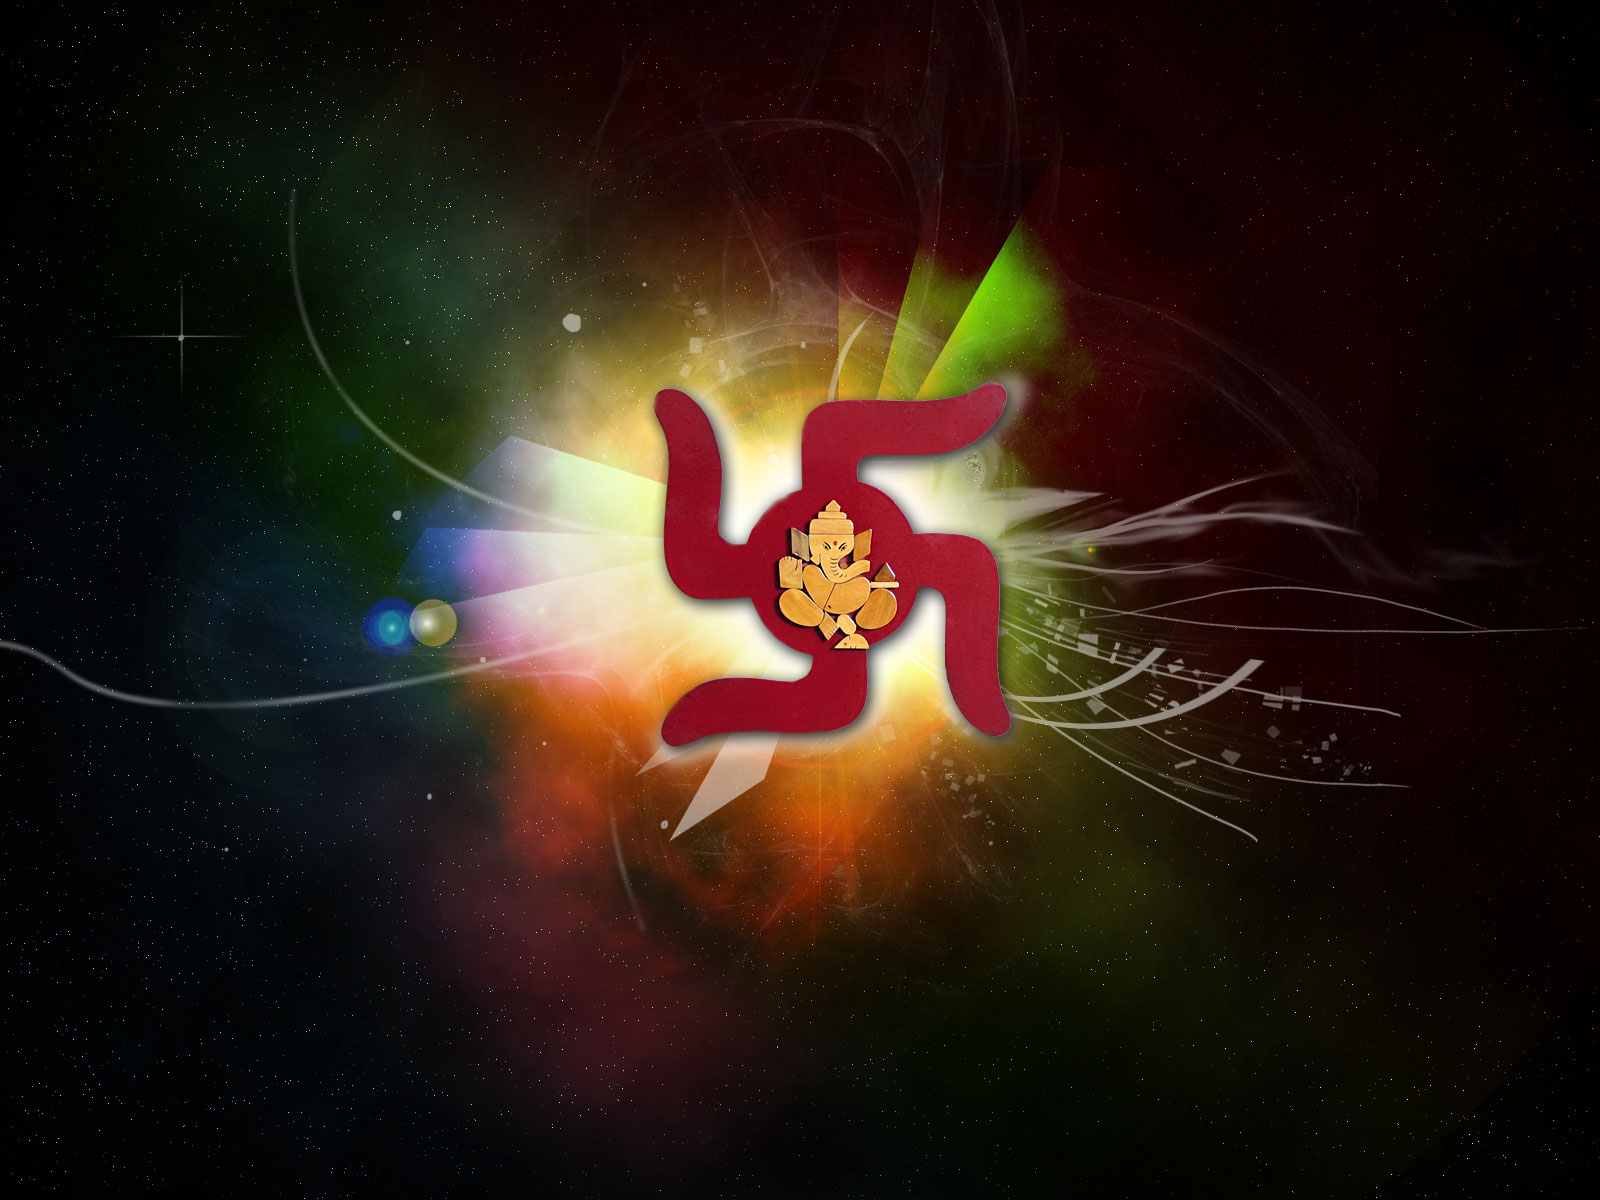 Swastik Ganesh Wallpapers Free Download